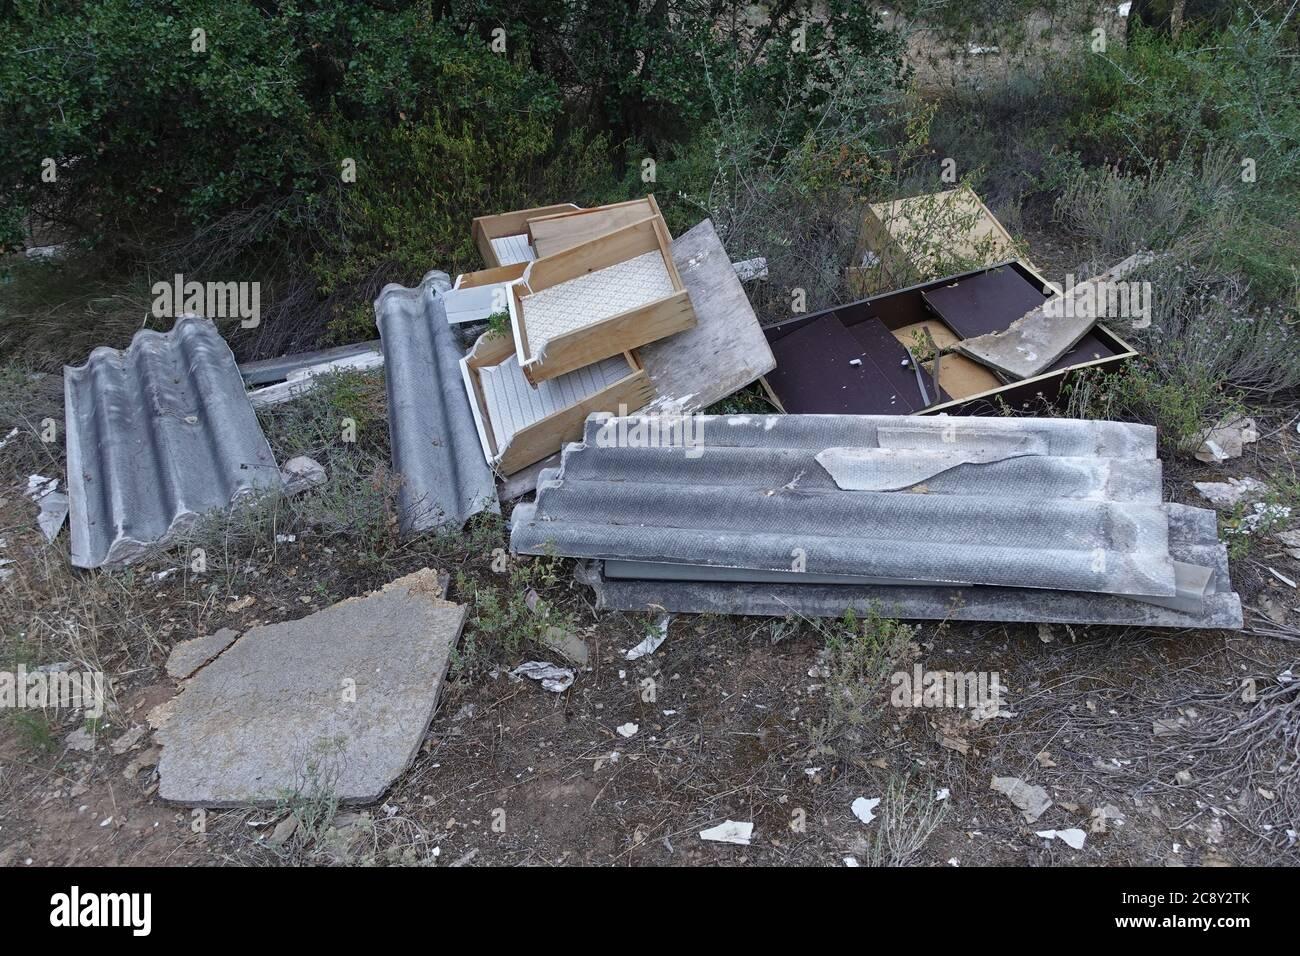 Amianto cemento corrugato tetti fogli e mobili rotti gettati nel legno. Smaltimento improprio di materiale tossico vietato ai rifiuti illegali dum Foto Stock